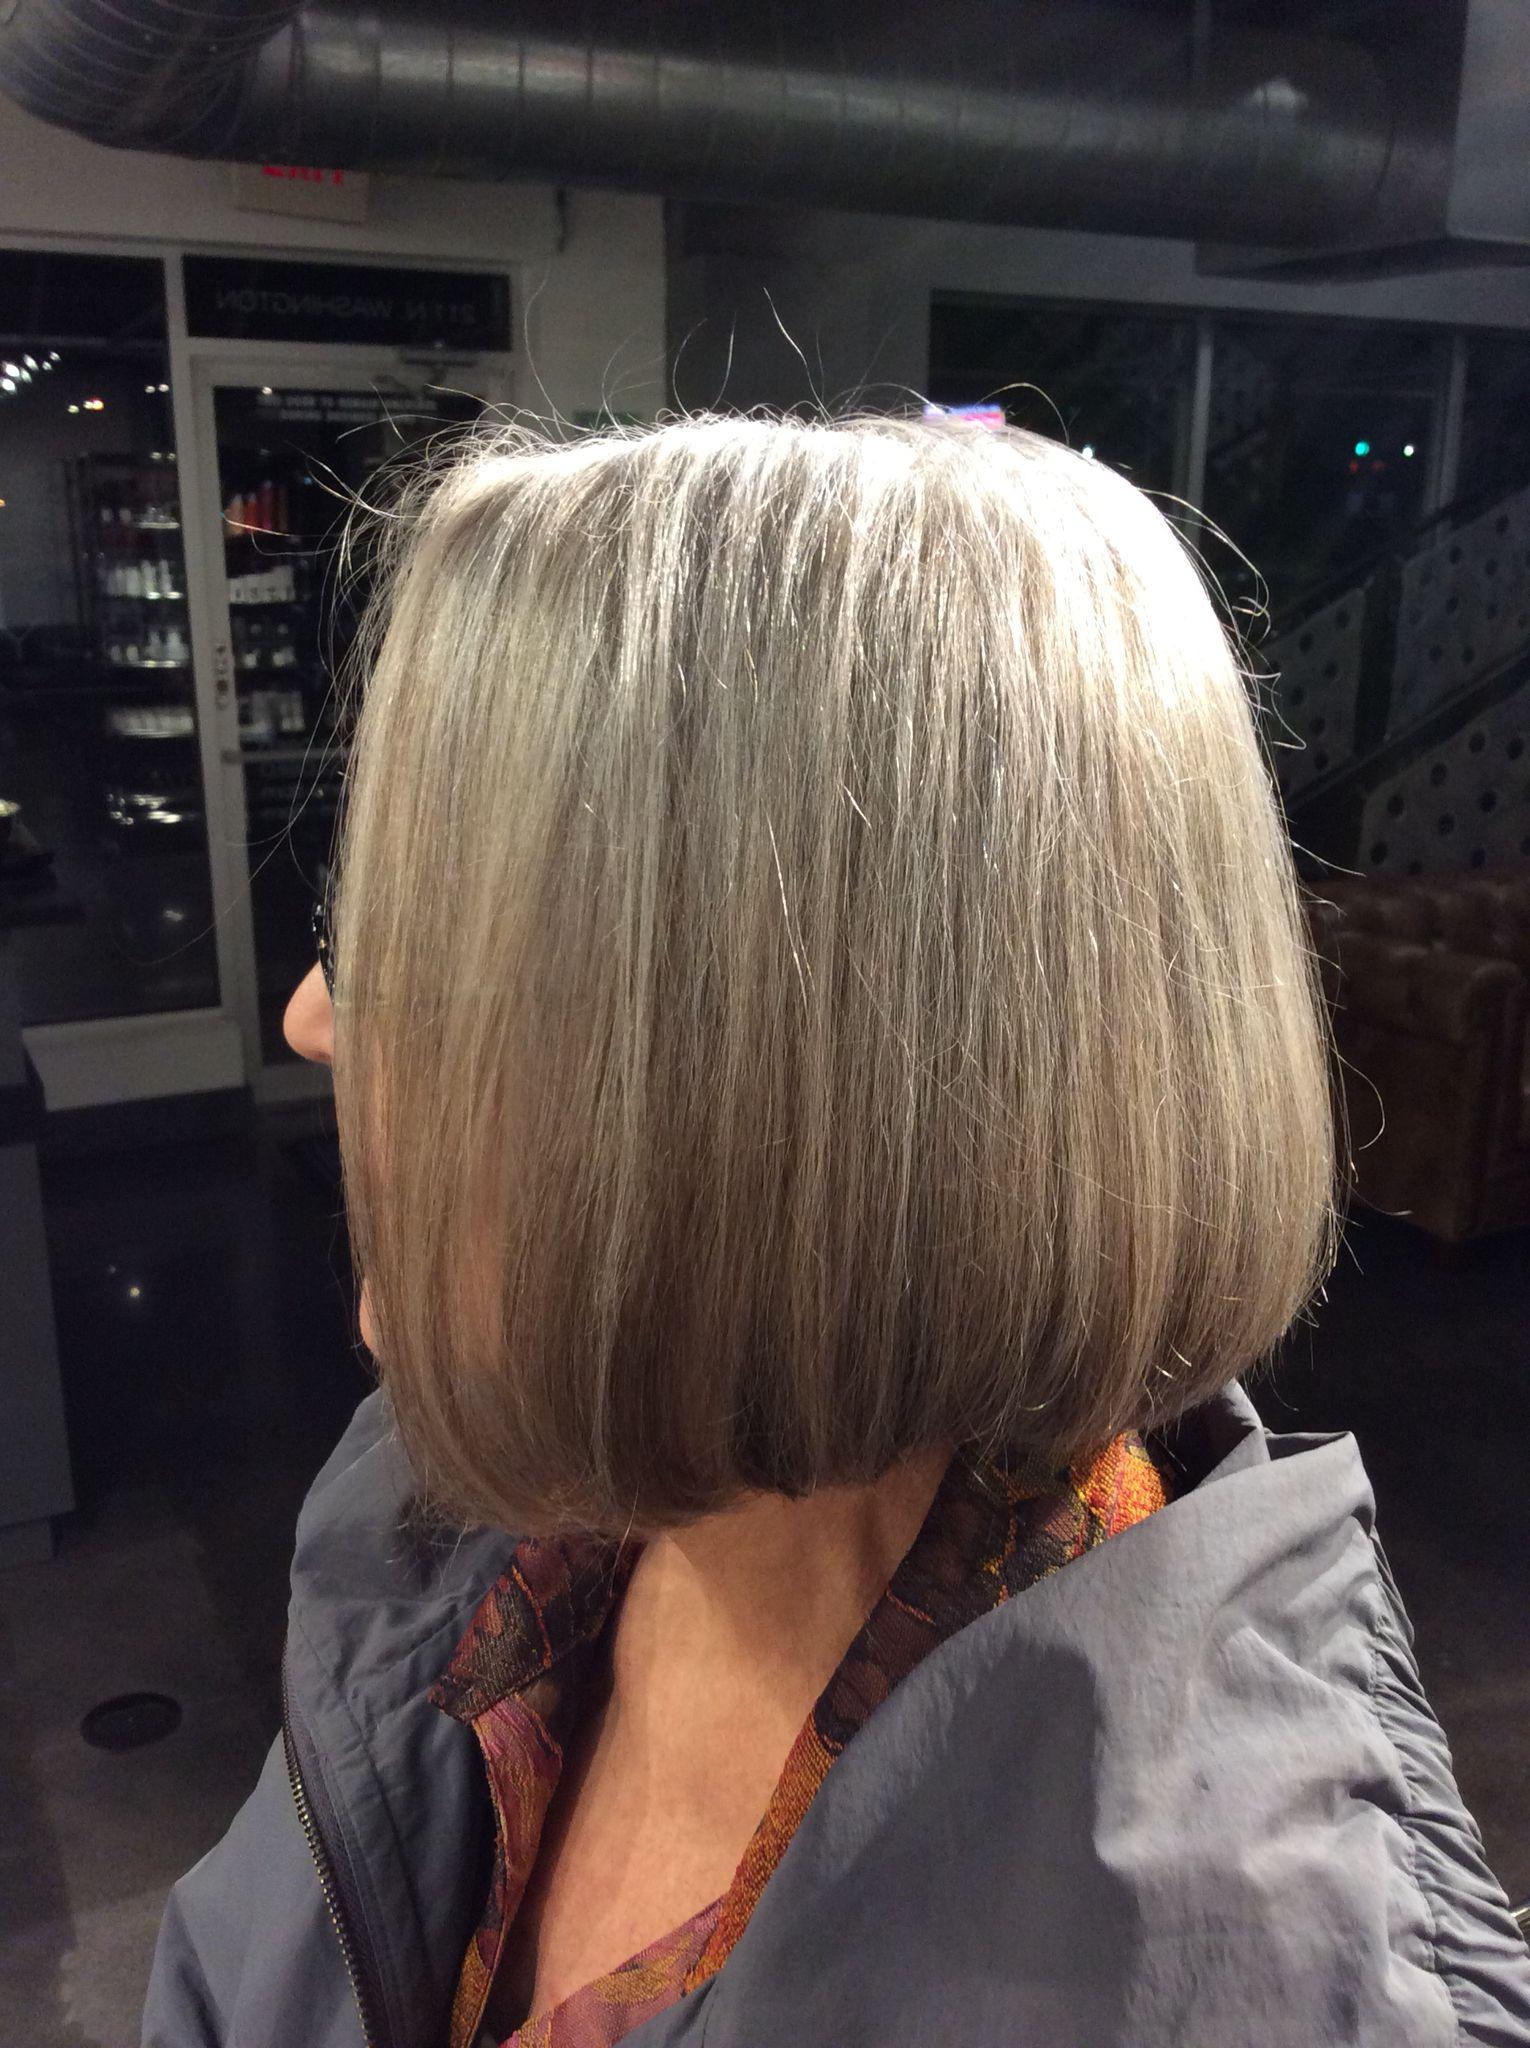 classic bob haircut. growing out natural gray hair. | short